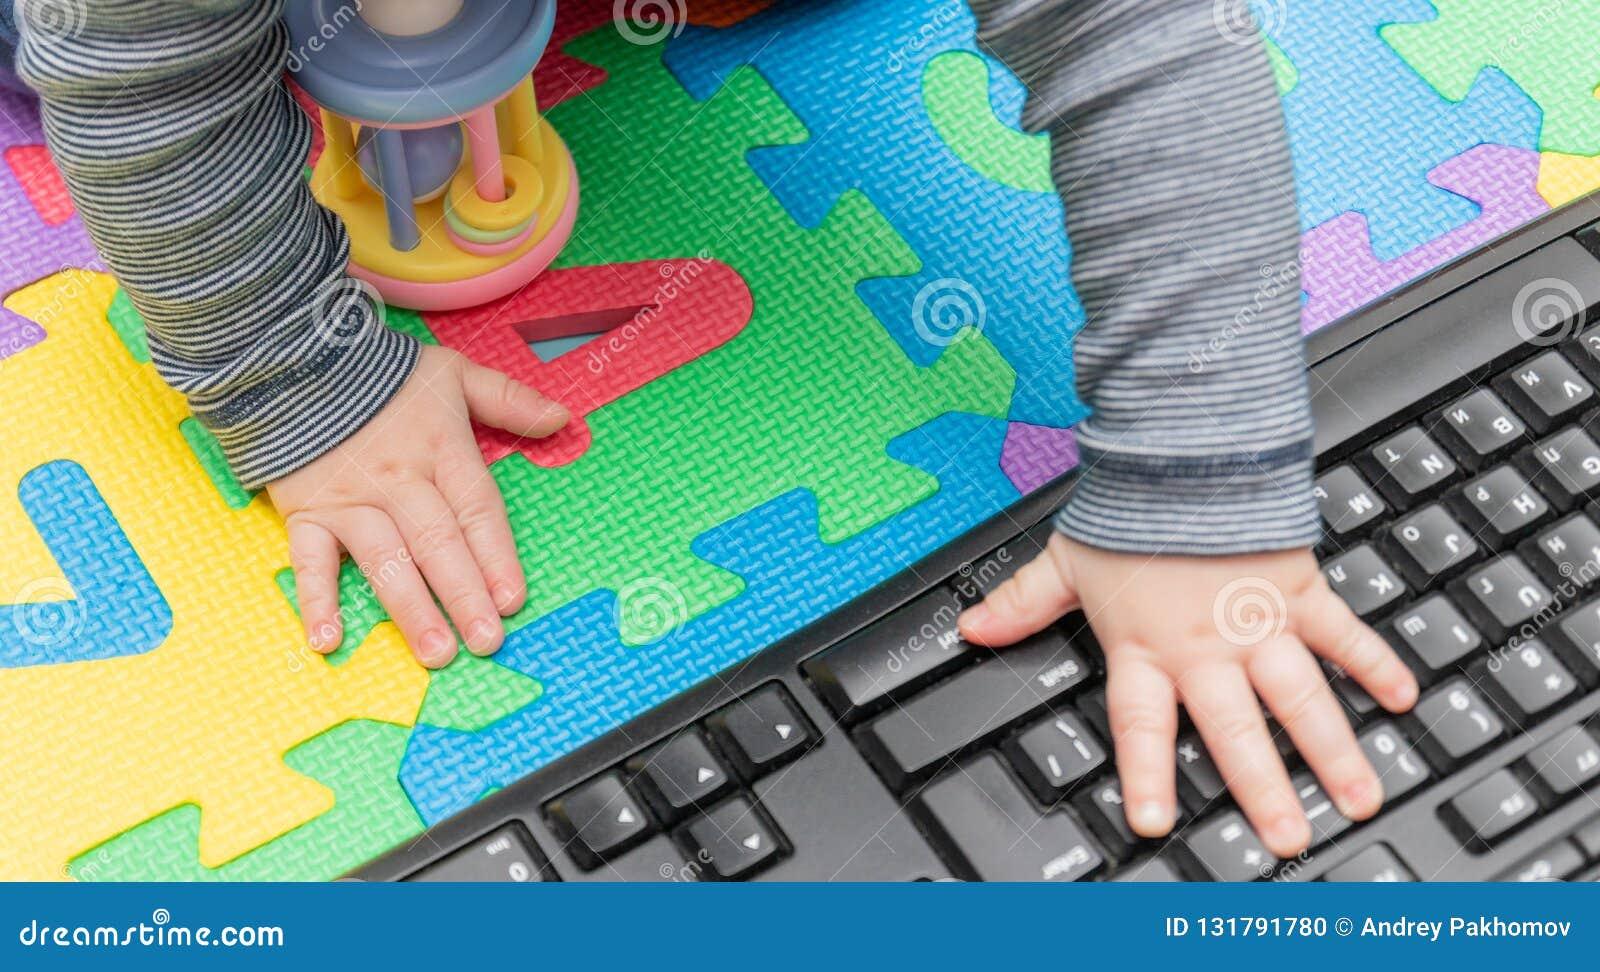 Mały dziecko wręcza, na myszy komputerowej klawiaturze i - rozwój dziecka, dostaje znany z technologią ponieważ ich wczesny wiek